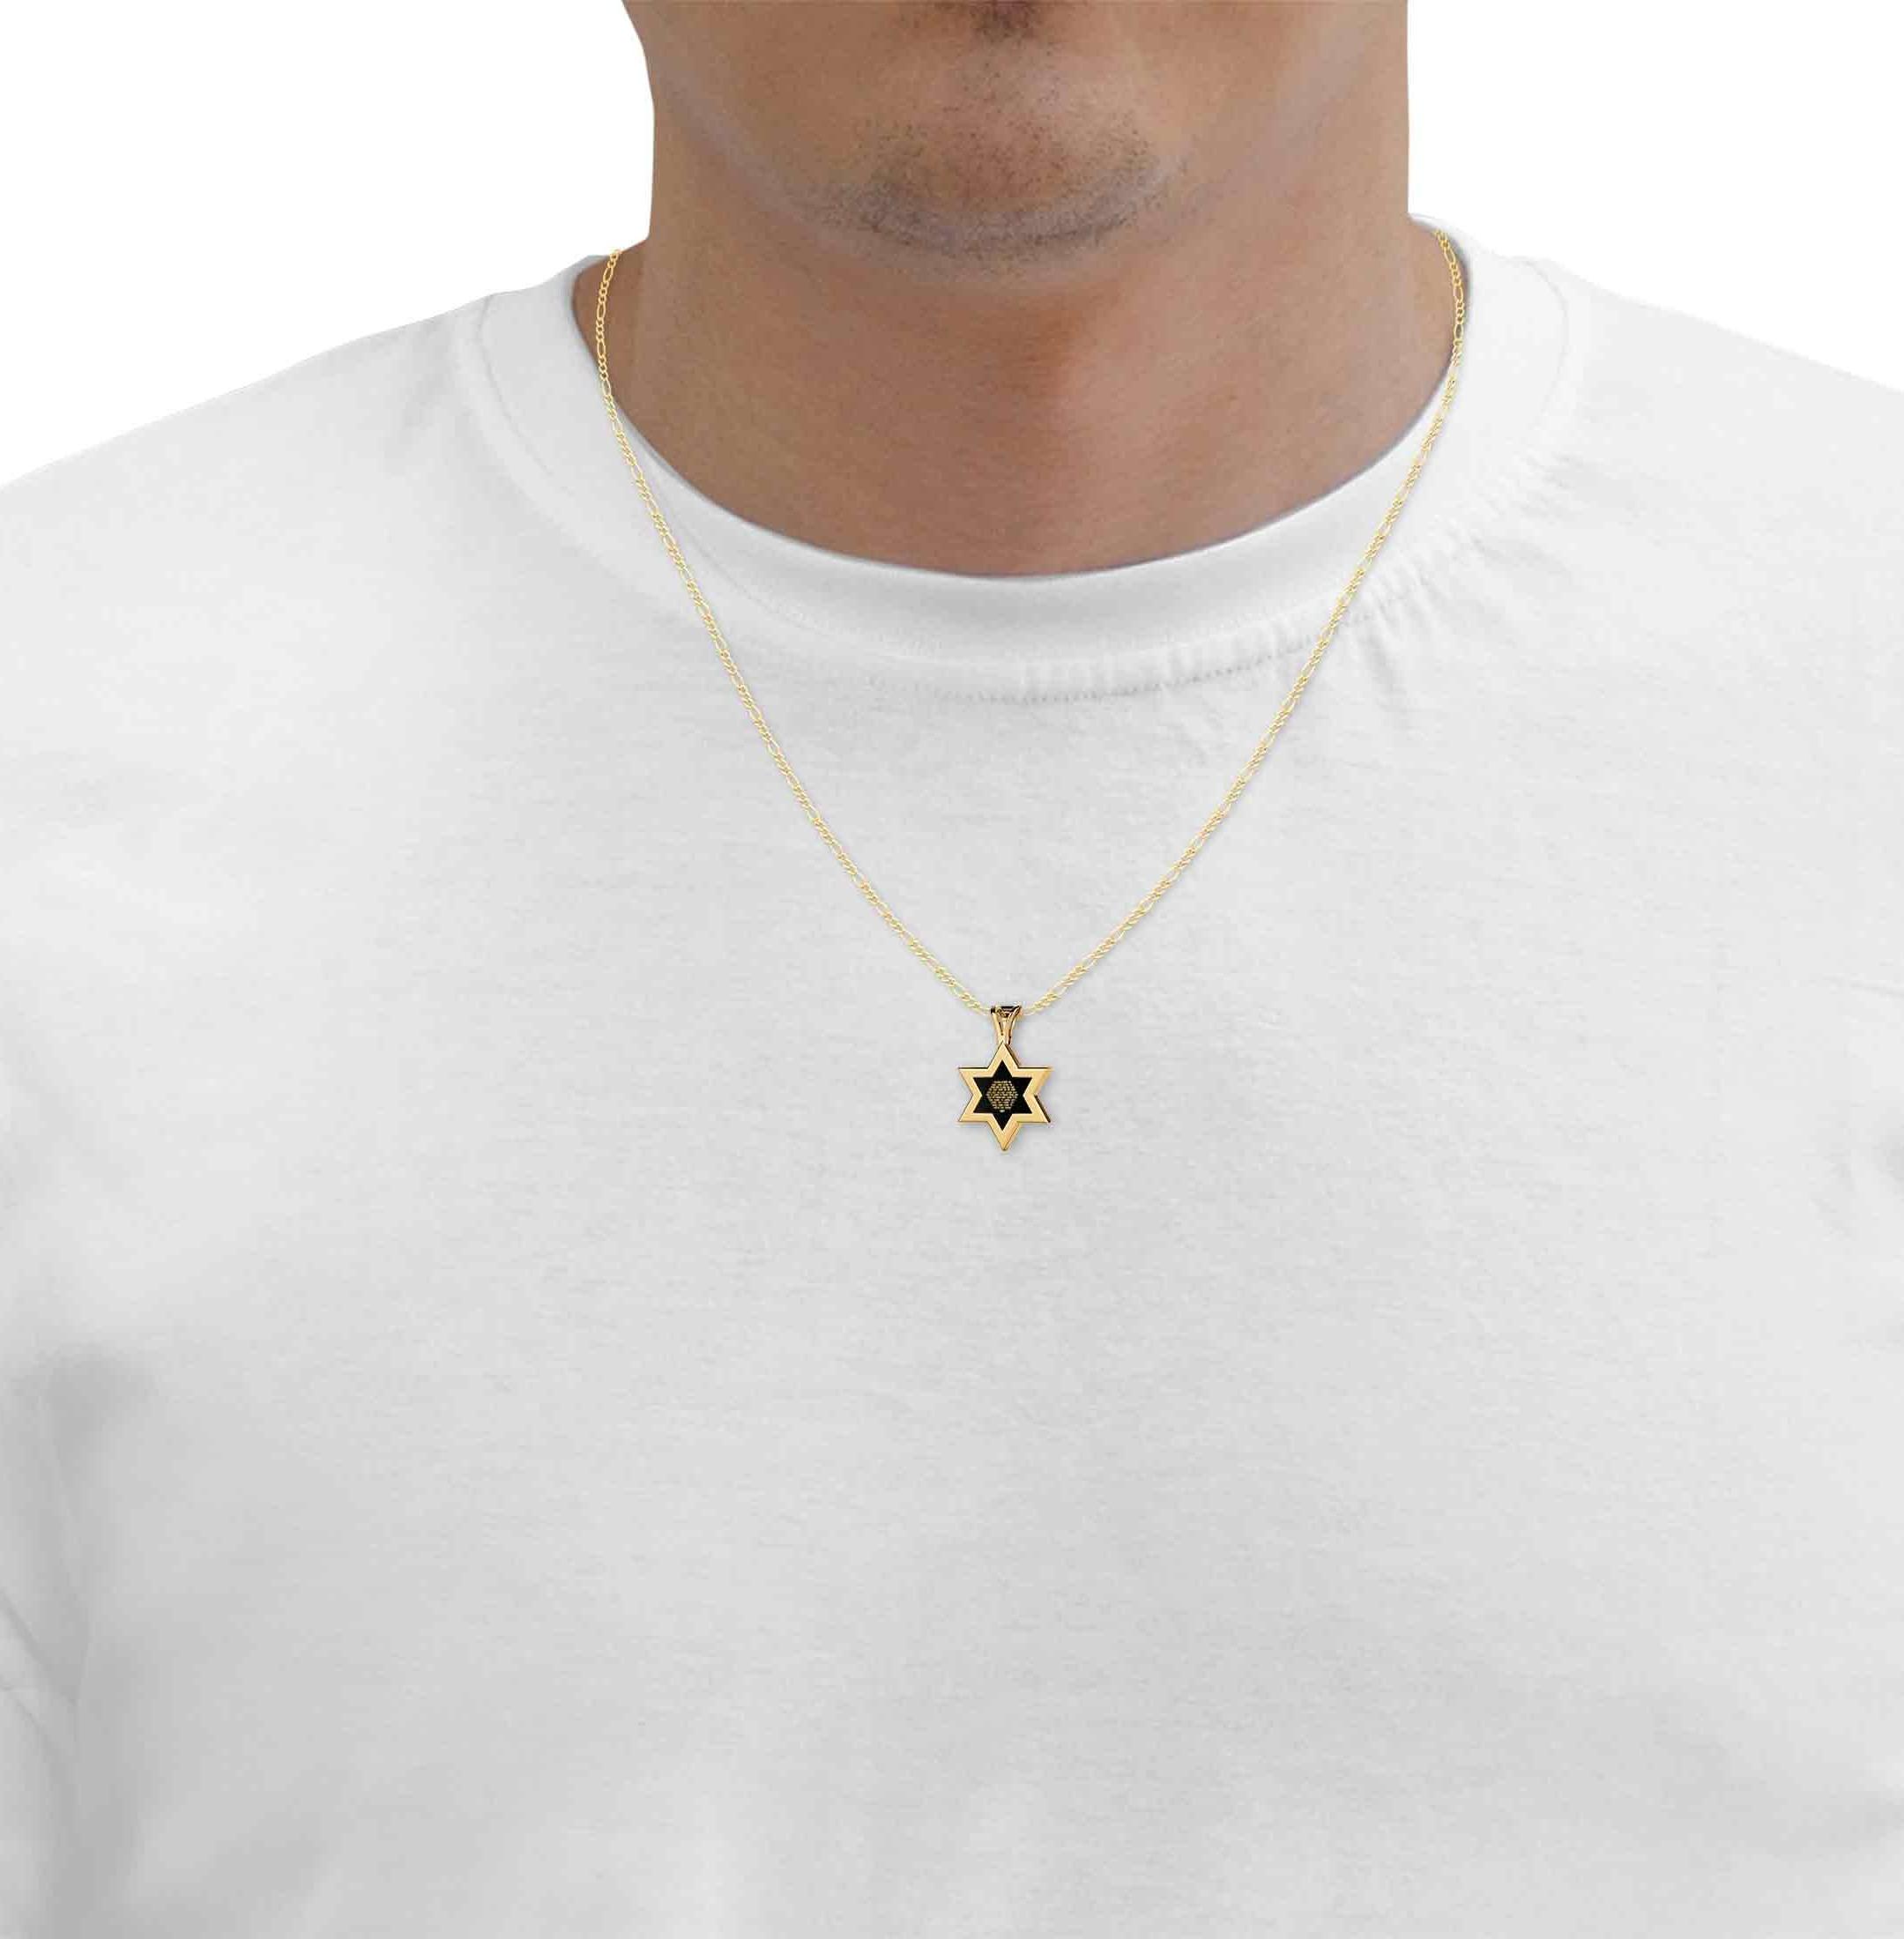 שרשרת מגן דוד – תכשיט לבנים - מתנות יקרות – תכשיטי נאנושרשרת מגן דוד – תכשיט לבנים - מתנות יקרות – תכשיטי נאנו